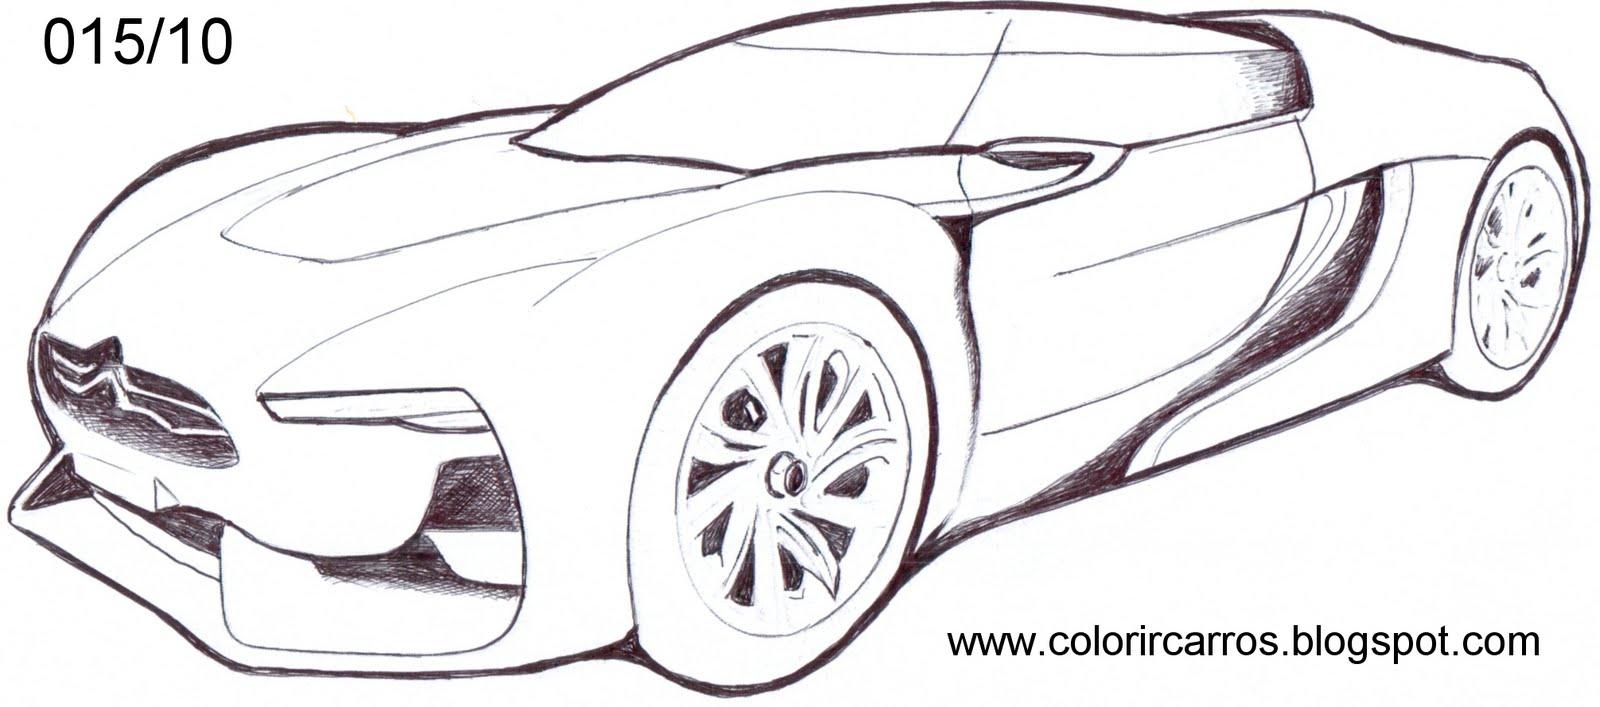 Carros Esportivos Para Colorir Pra Colorir E Rabiscar